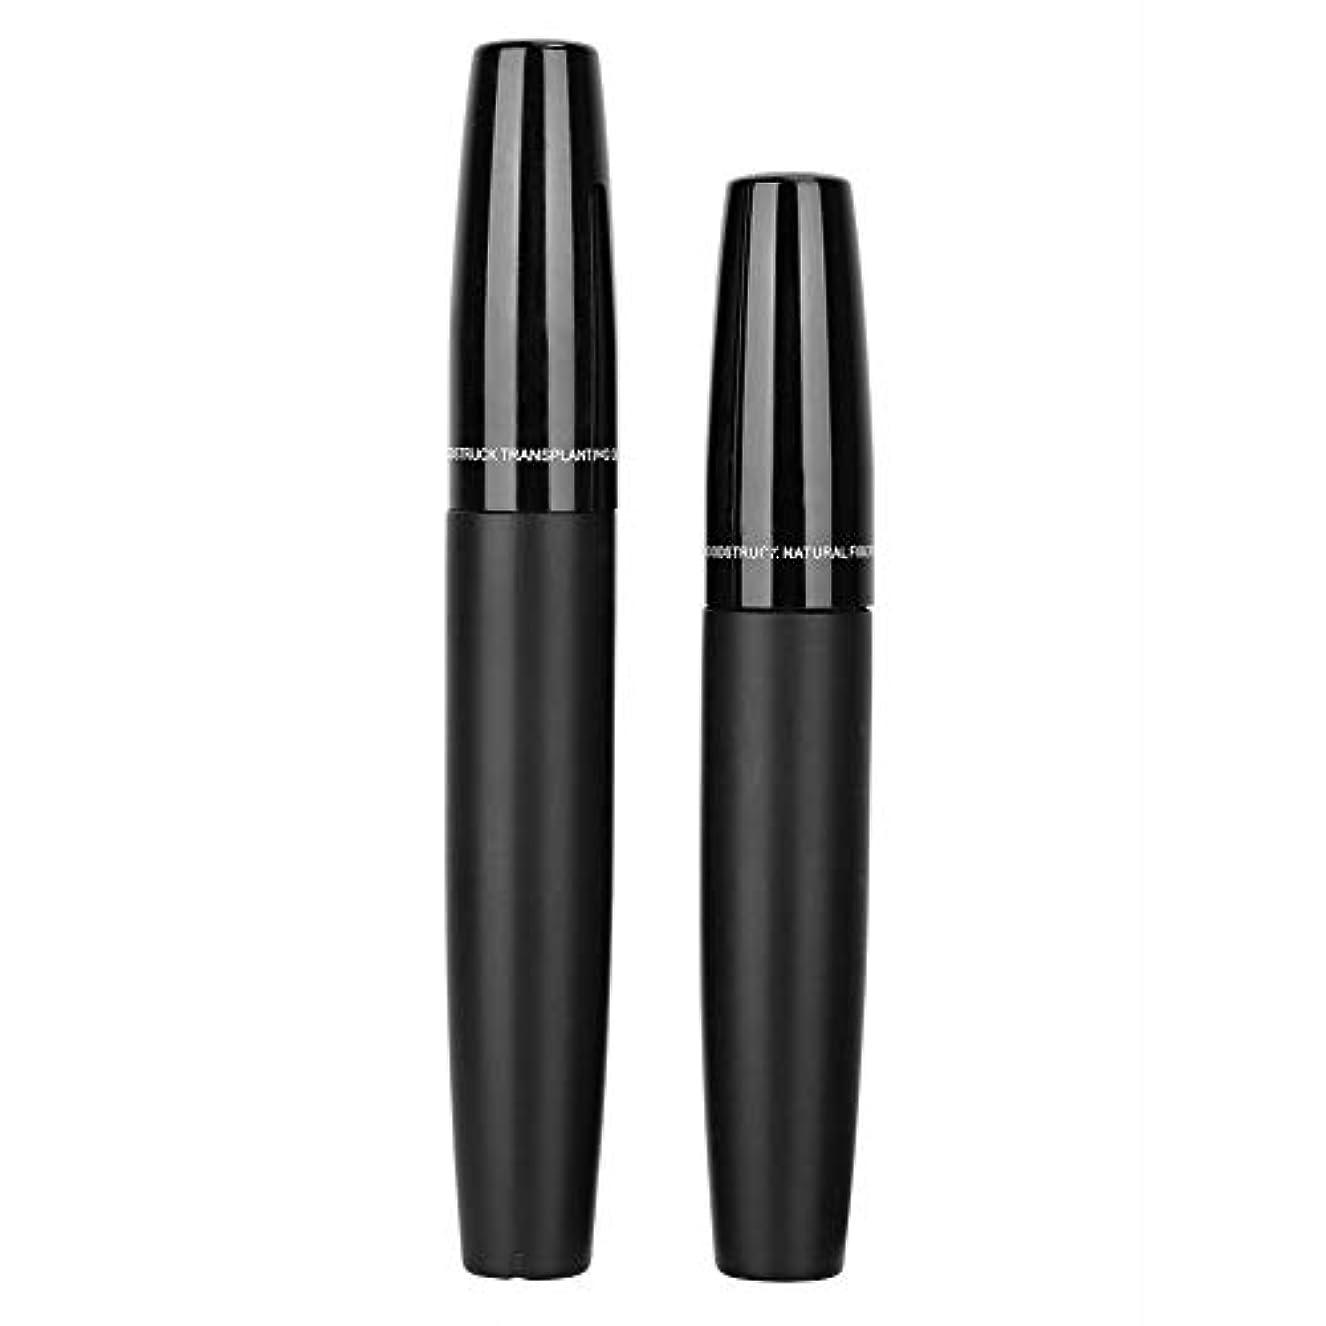 警戒教義はず3Dマスカラ、2本ブラックチューブまつげ繊維セット緻密カーリングまつげエクステンション化粧品